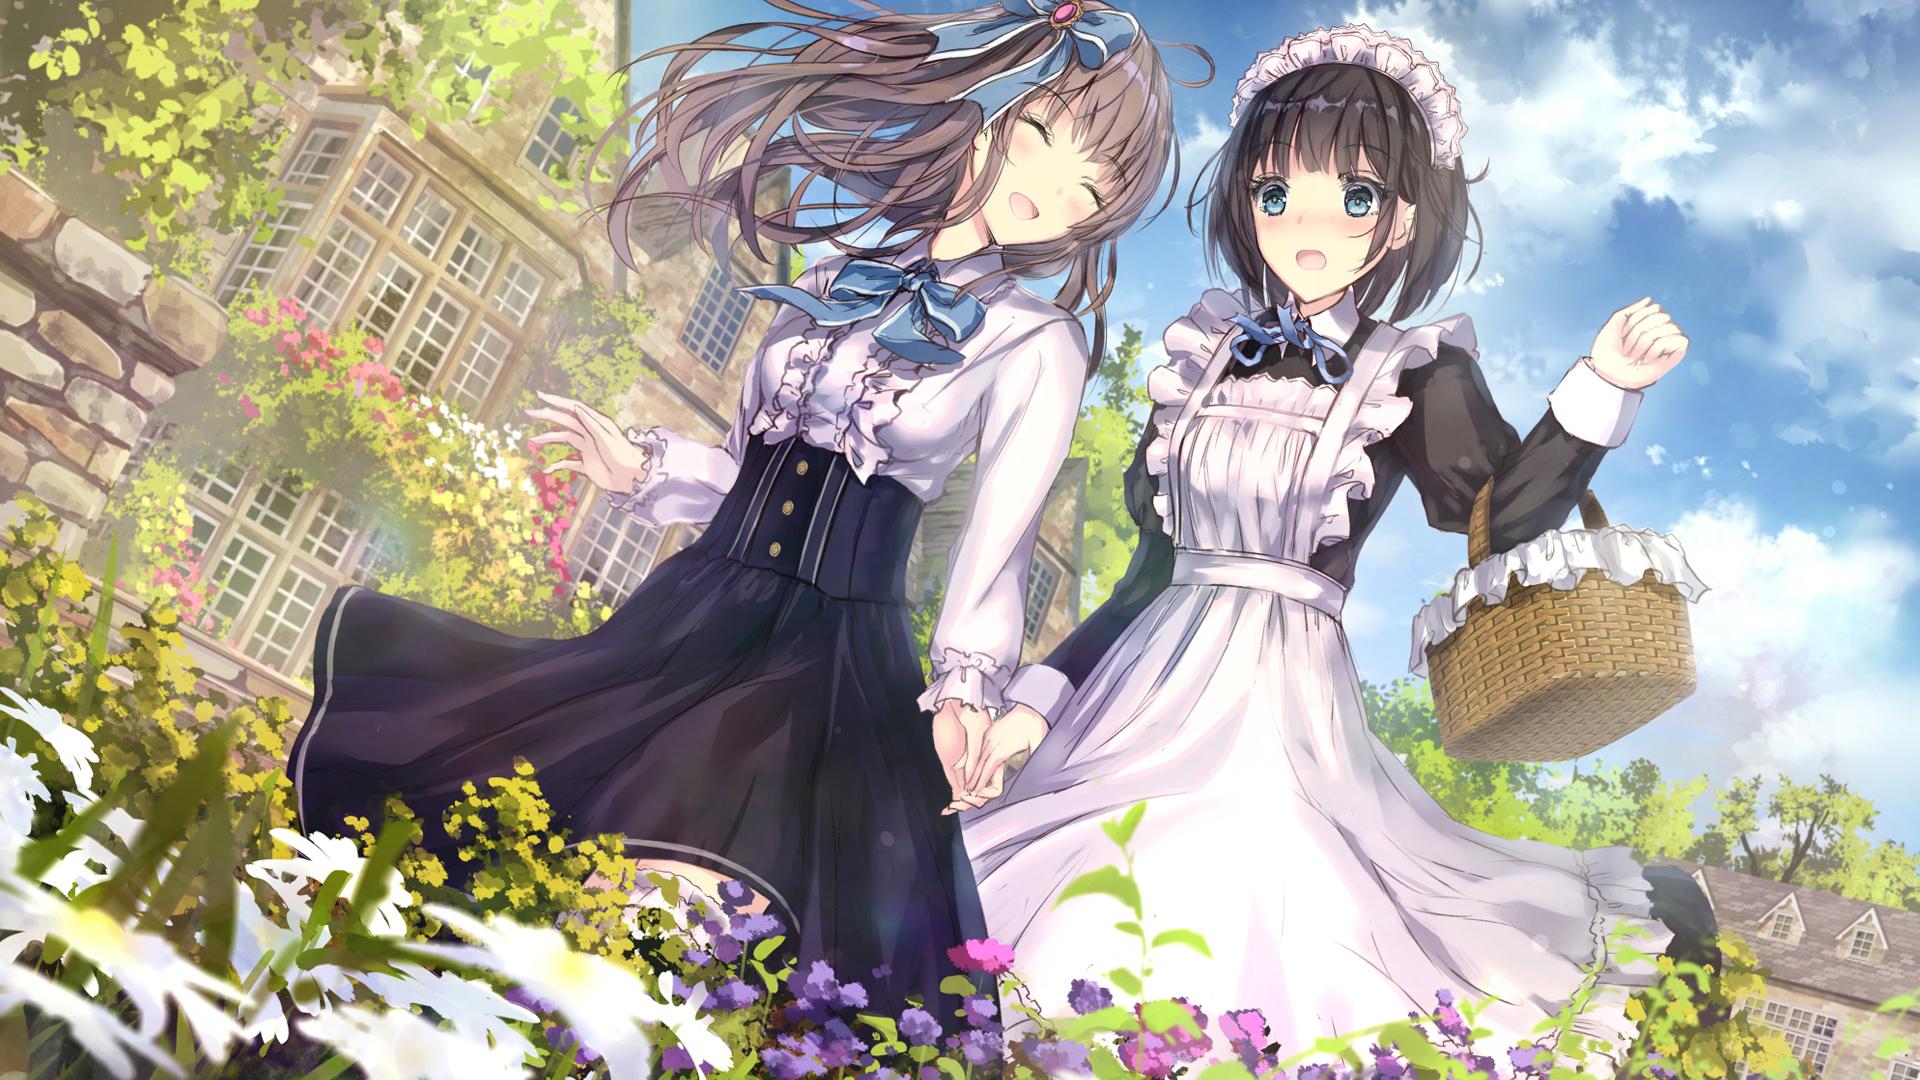 两女孩子 散歩 连衫围裙 动漫壁纸-动漫壁纸